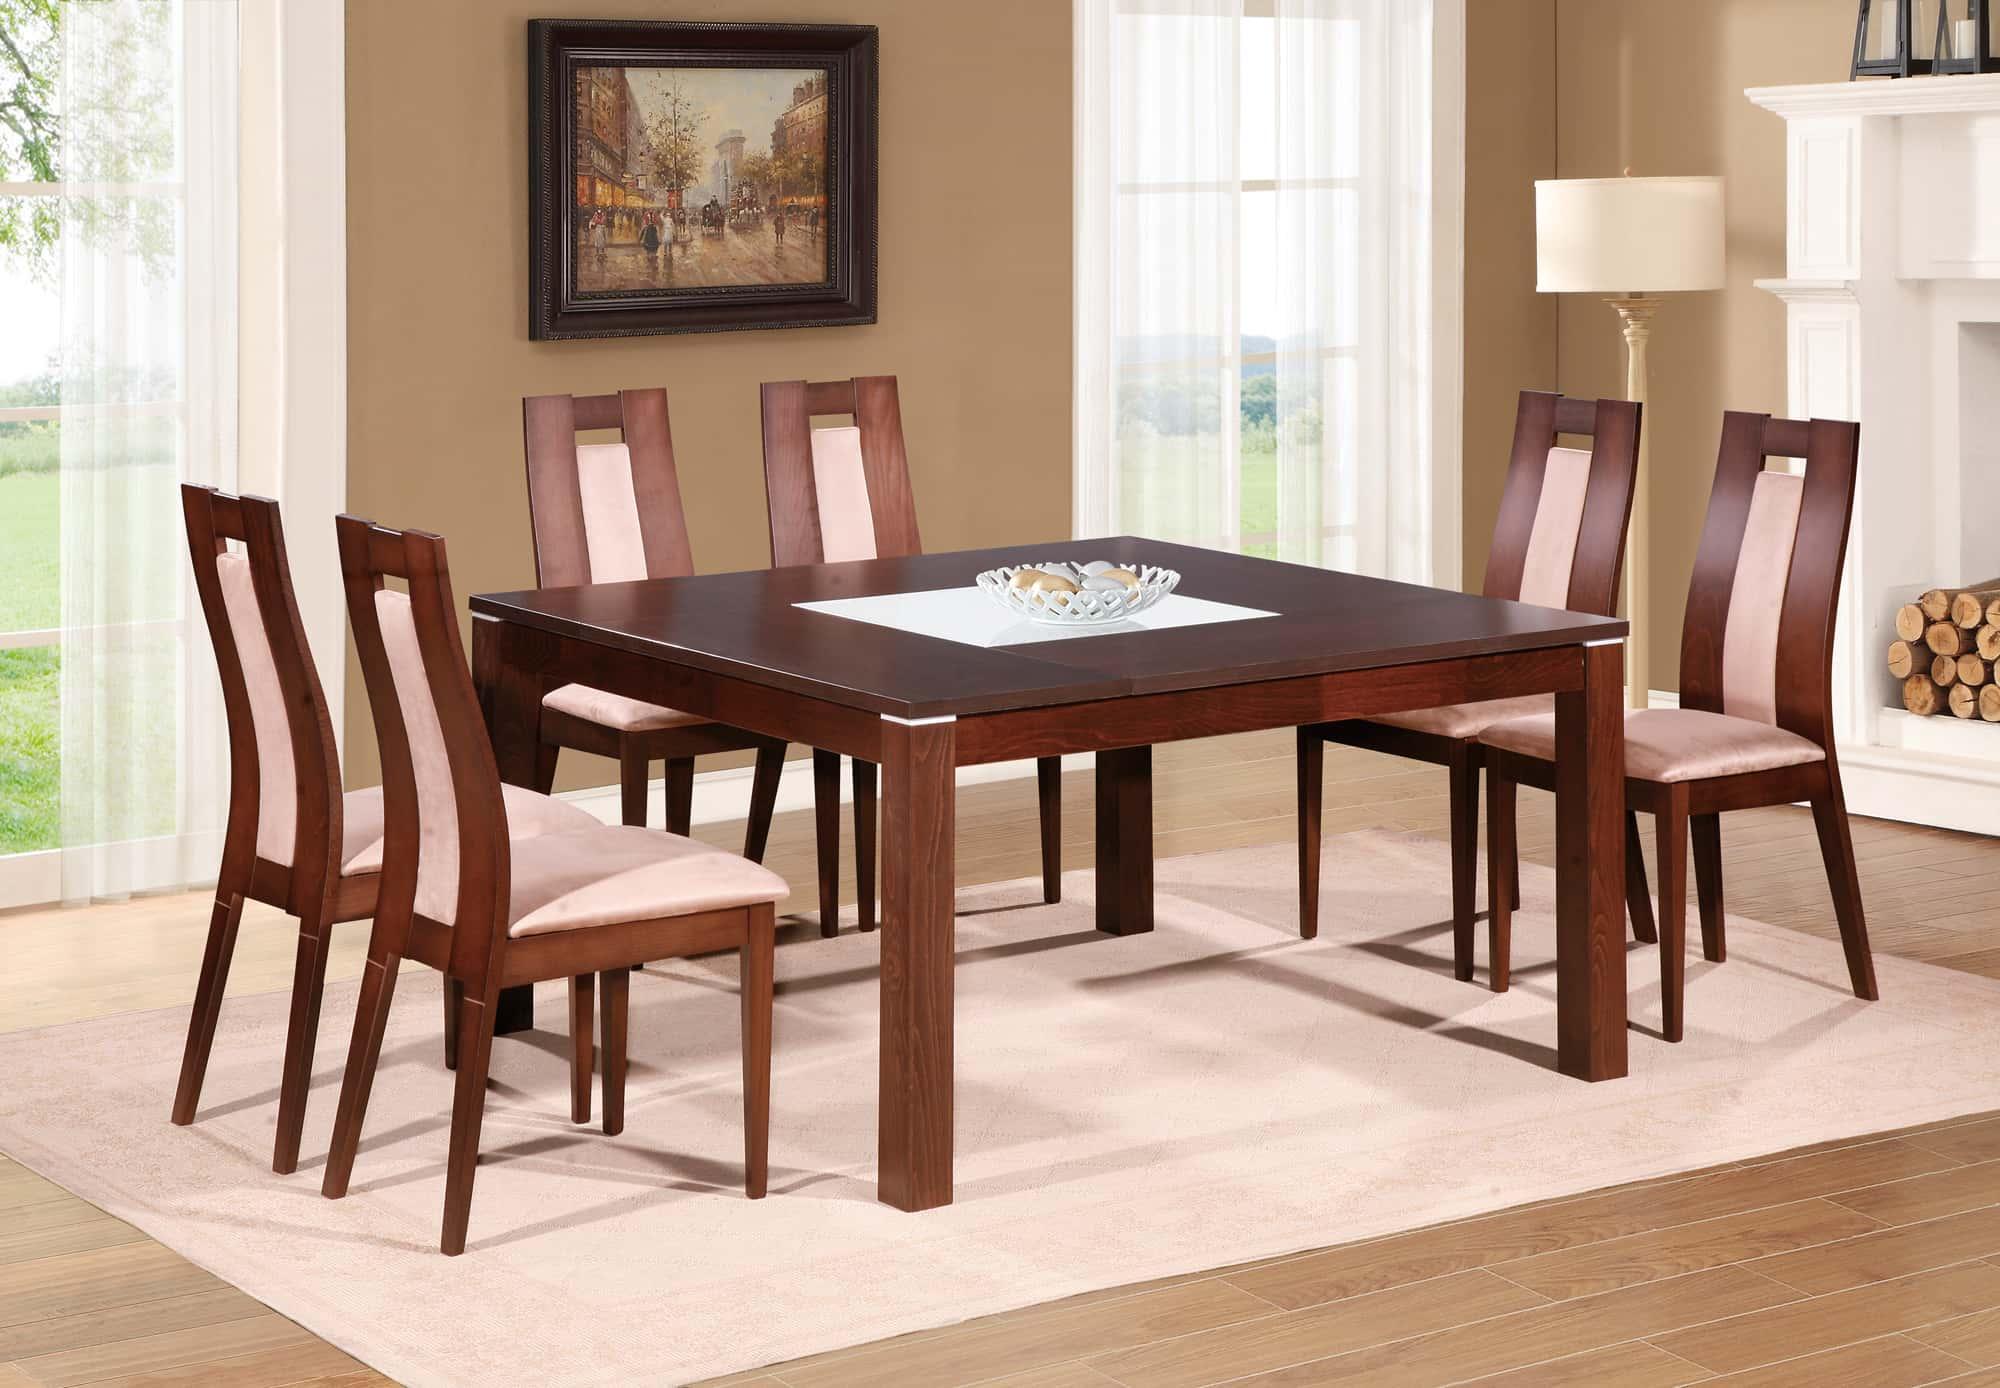 dining table d4921dt burn beech by global furniture. Black Bedroom Furniture Sets. Home Design Ideas